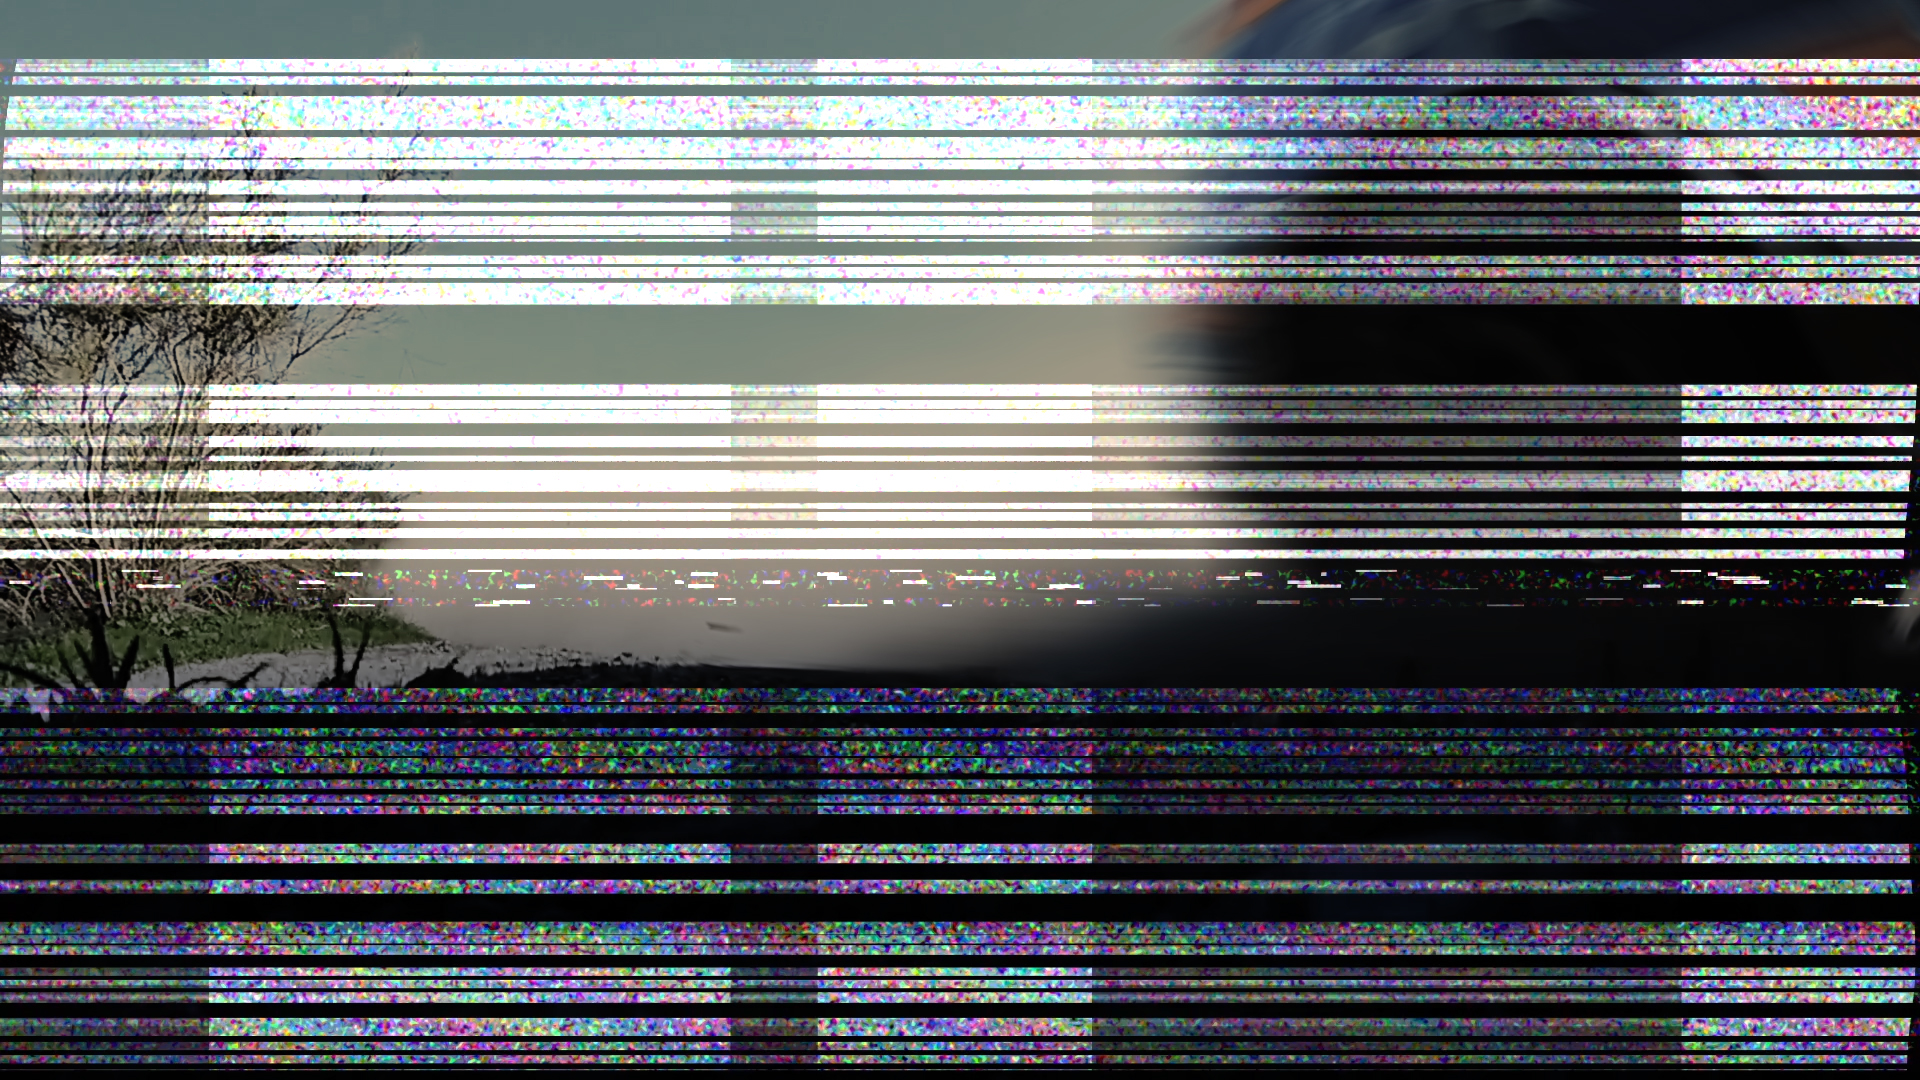 аэропорт фотоэффект экран компьютера значения